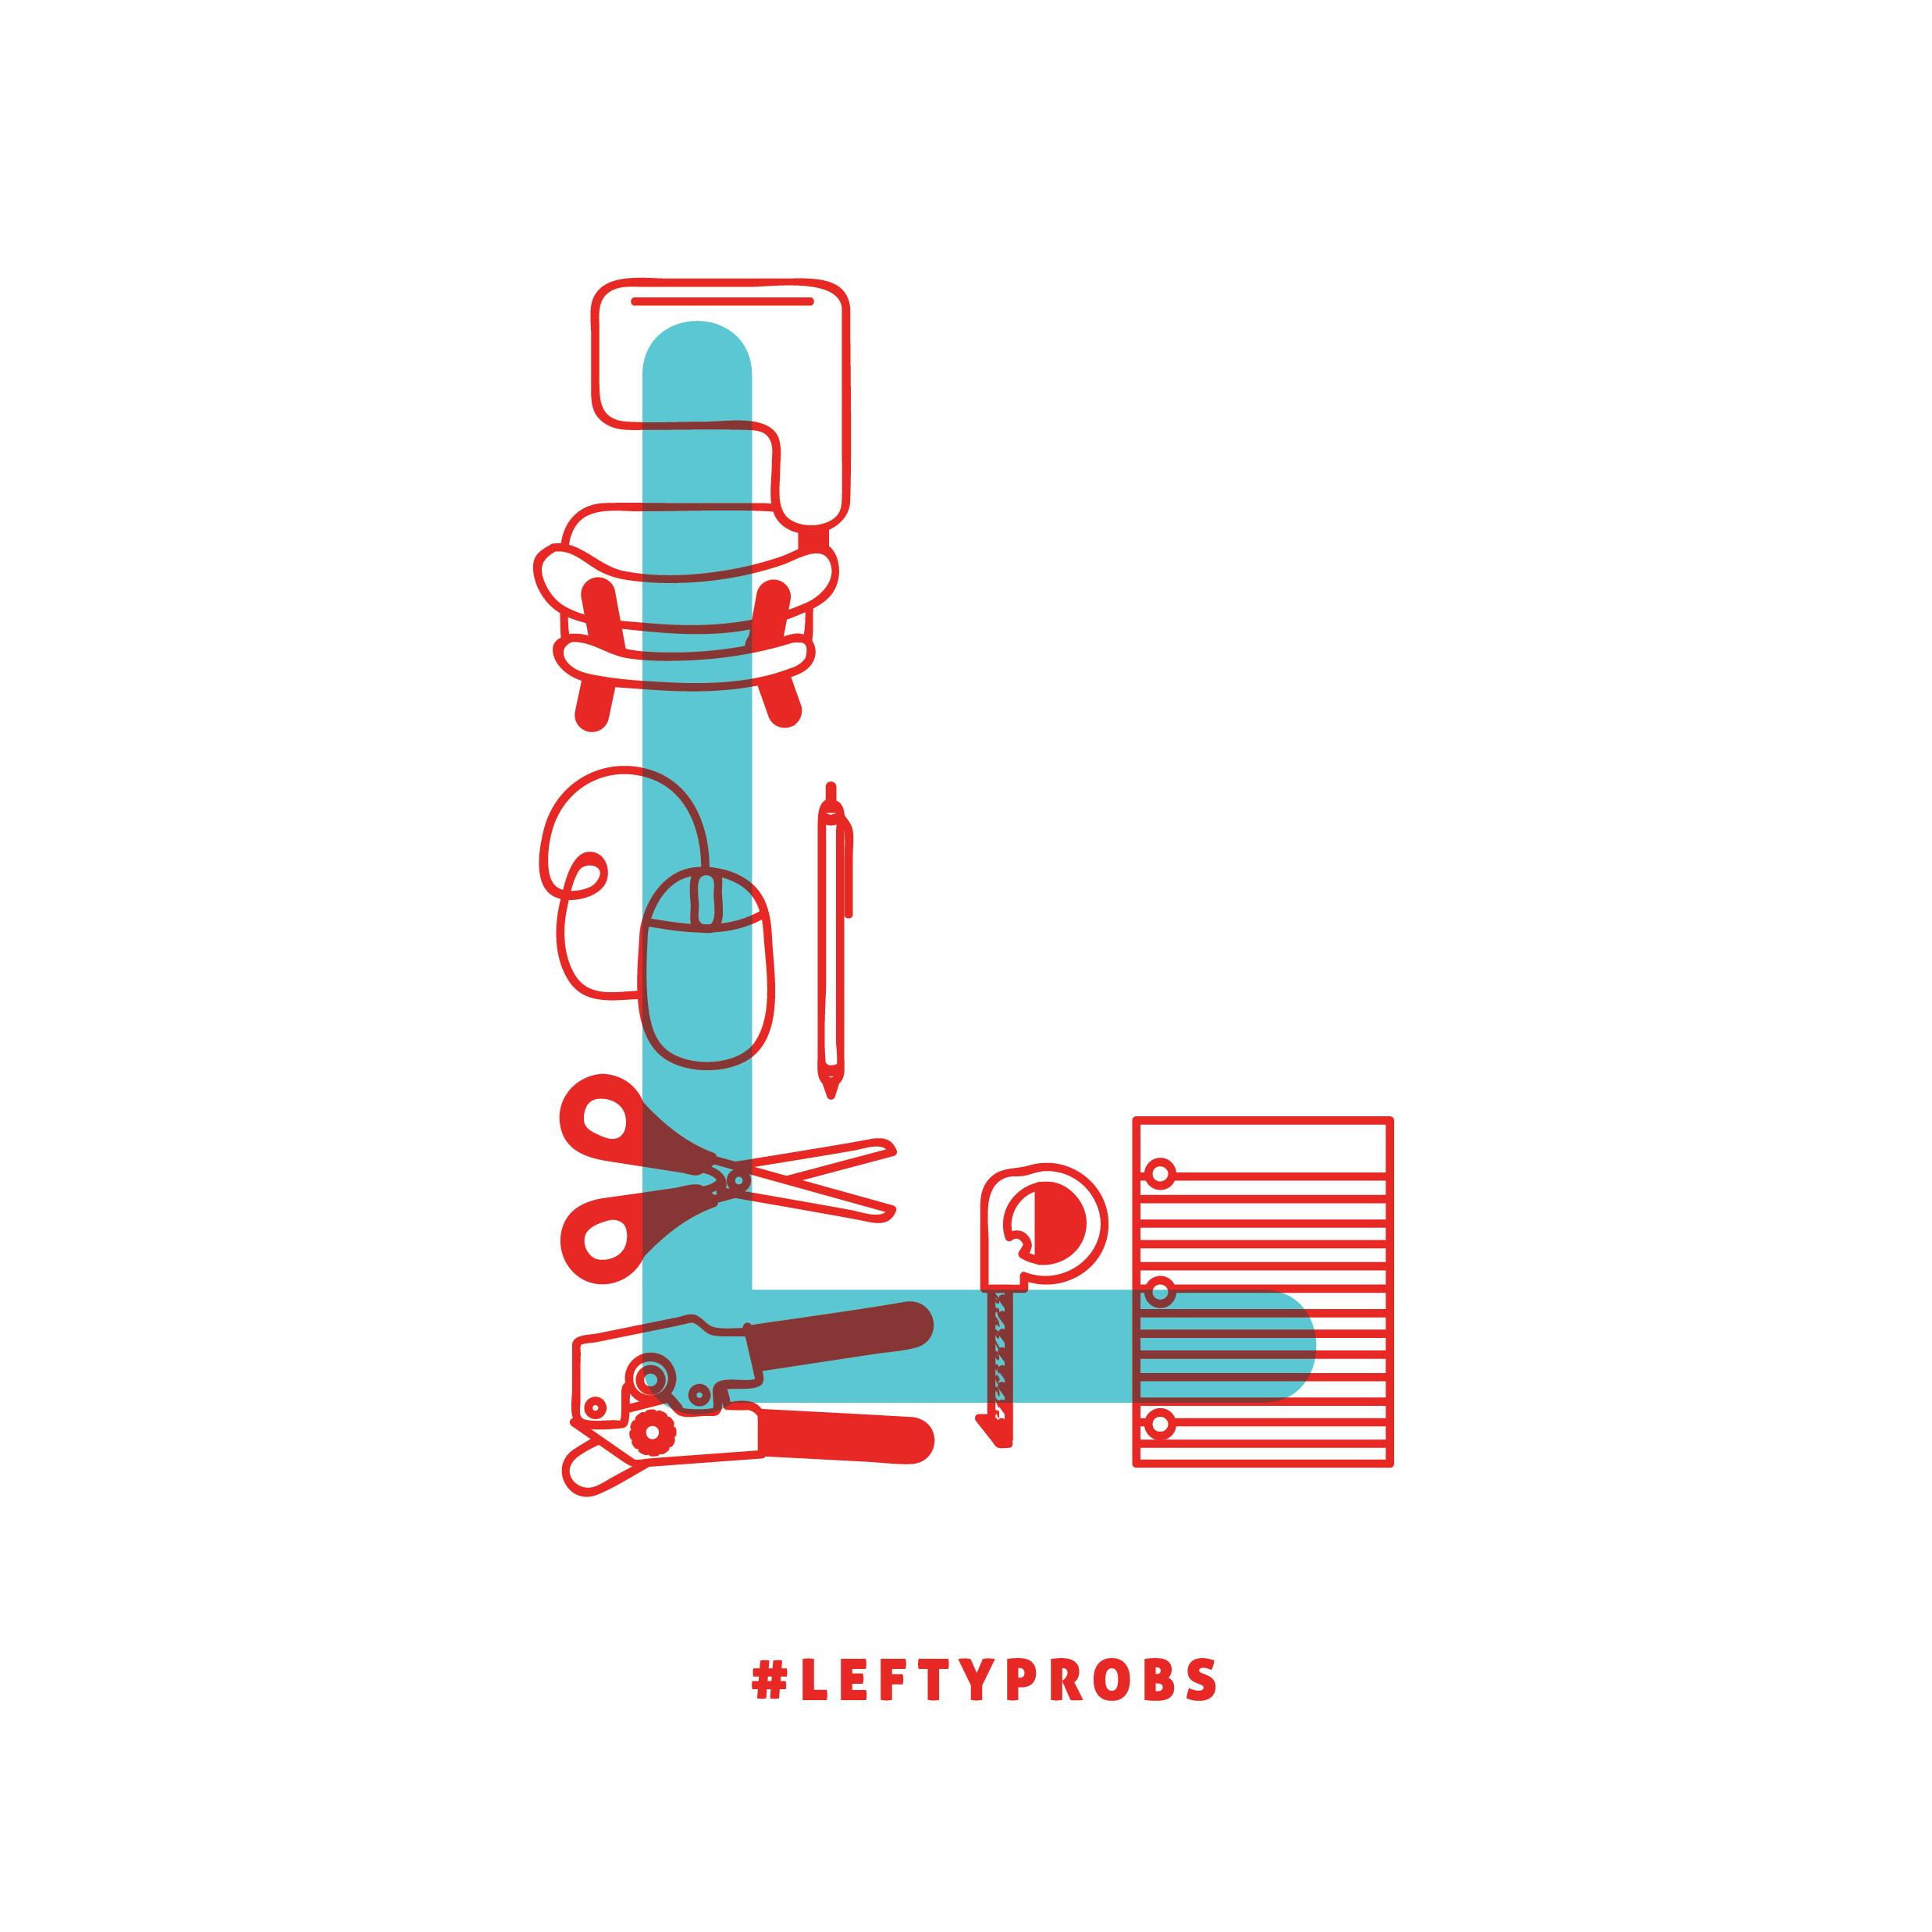 Letter L Design #3